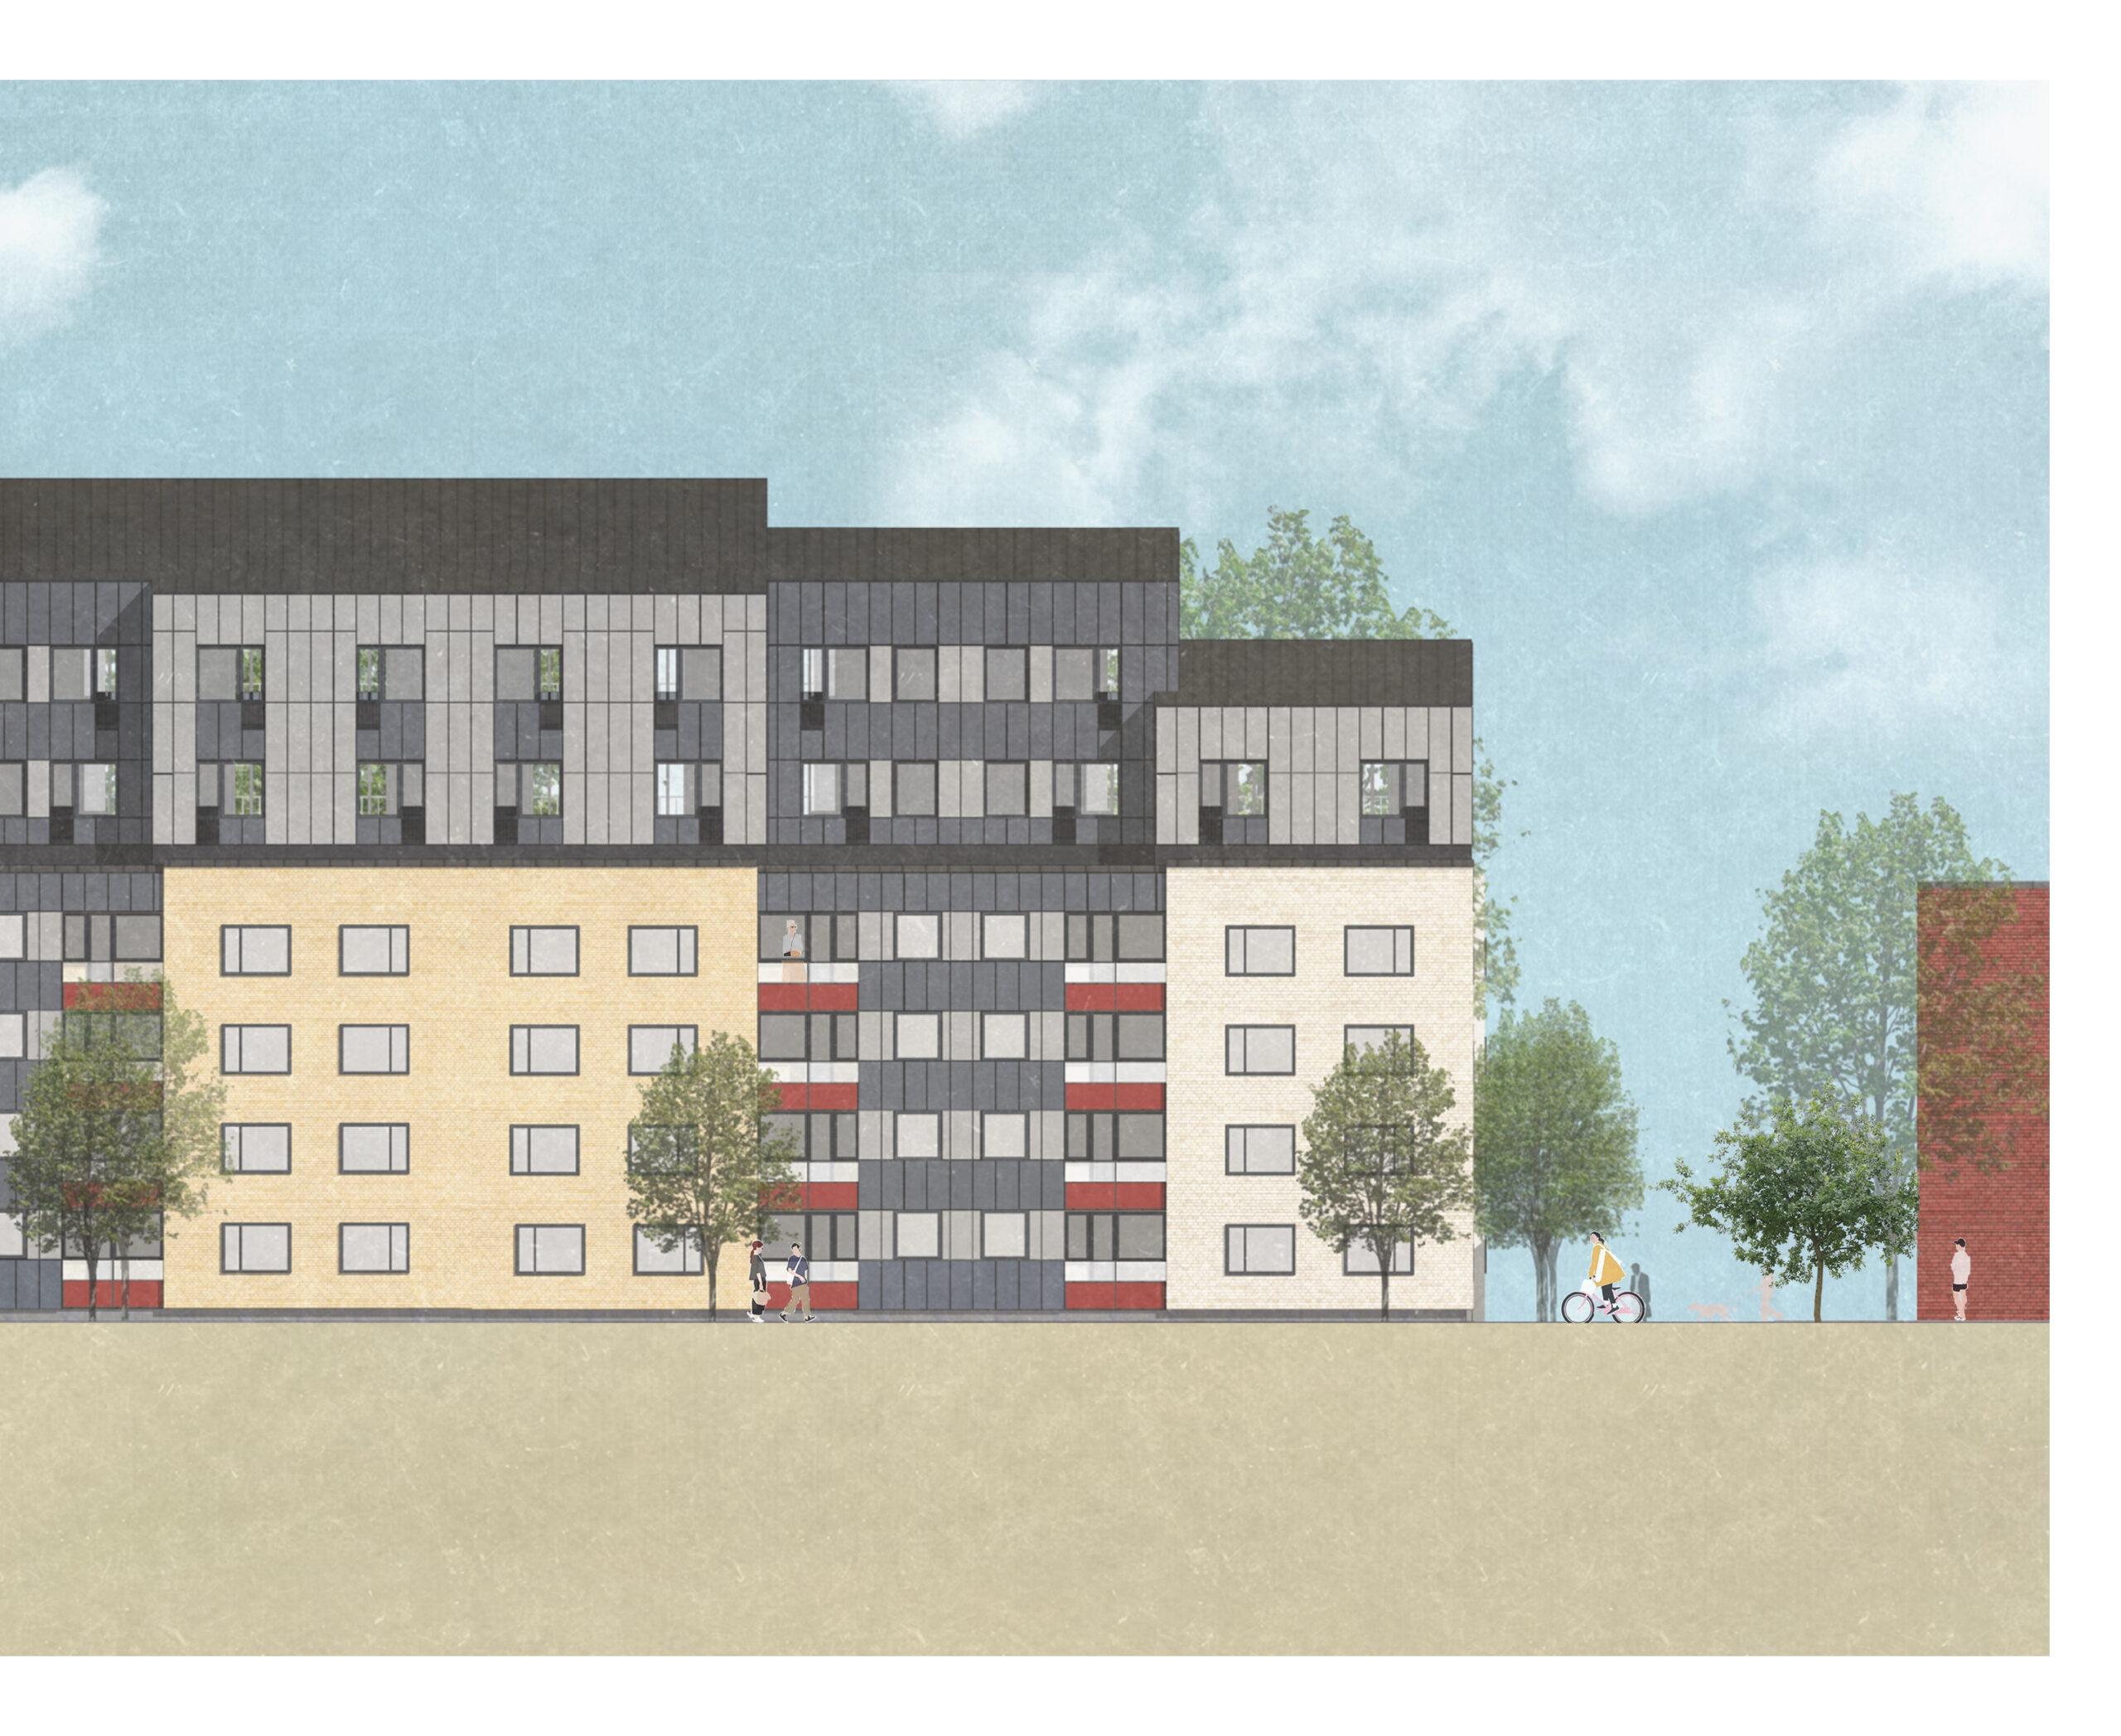 Nock bygger klimatsmarta lägenheter i Uppsala